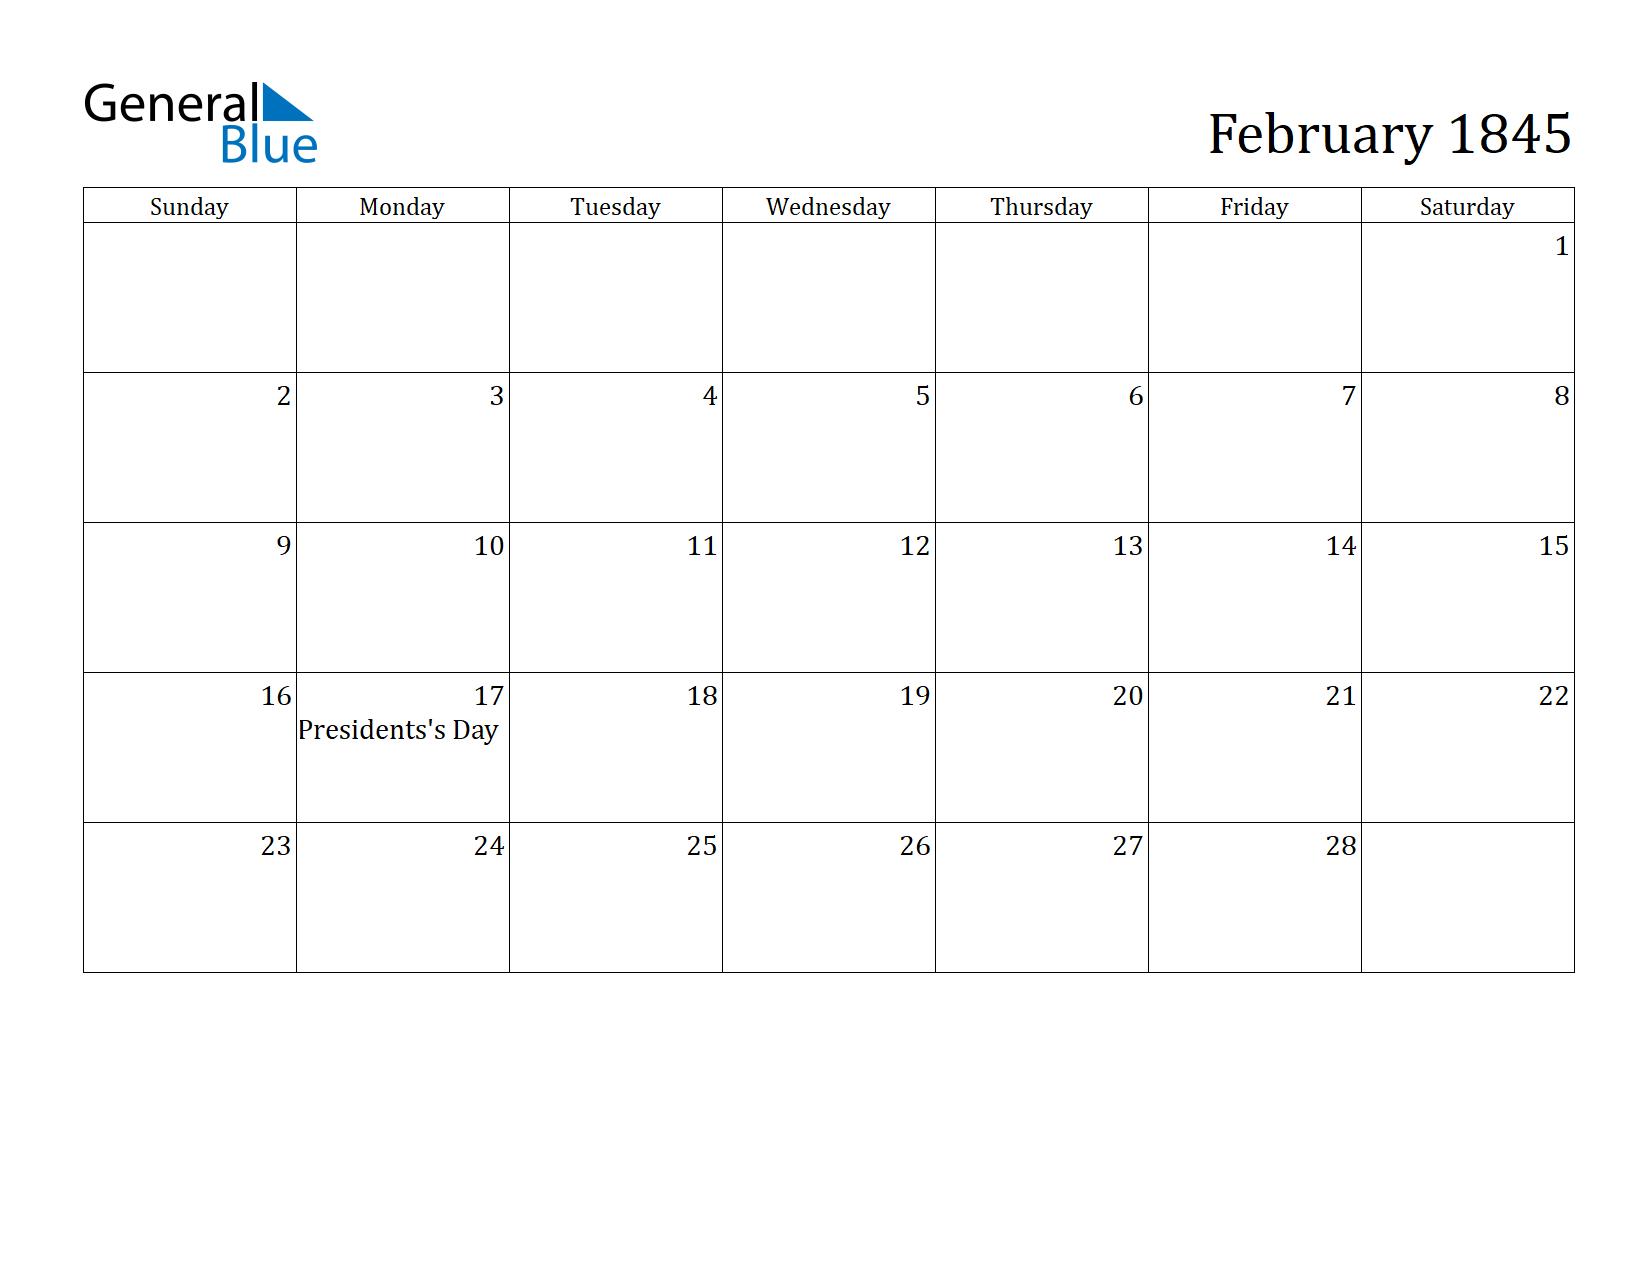 Image of February 1845 Calendar